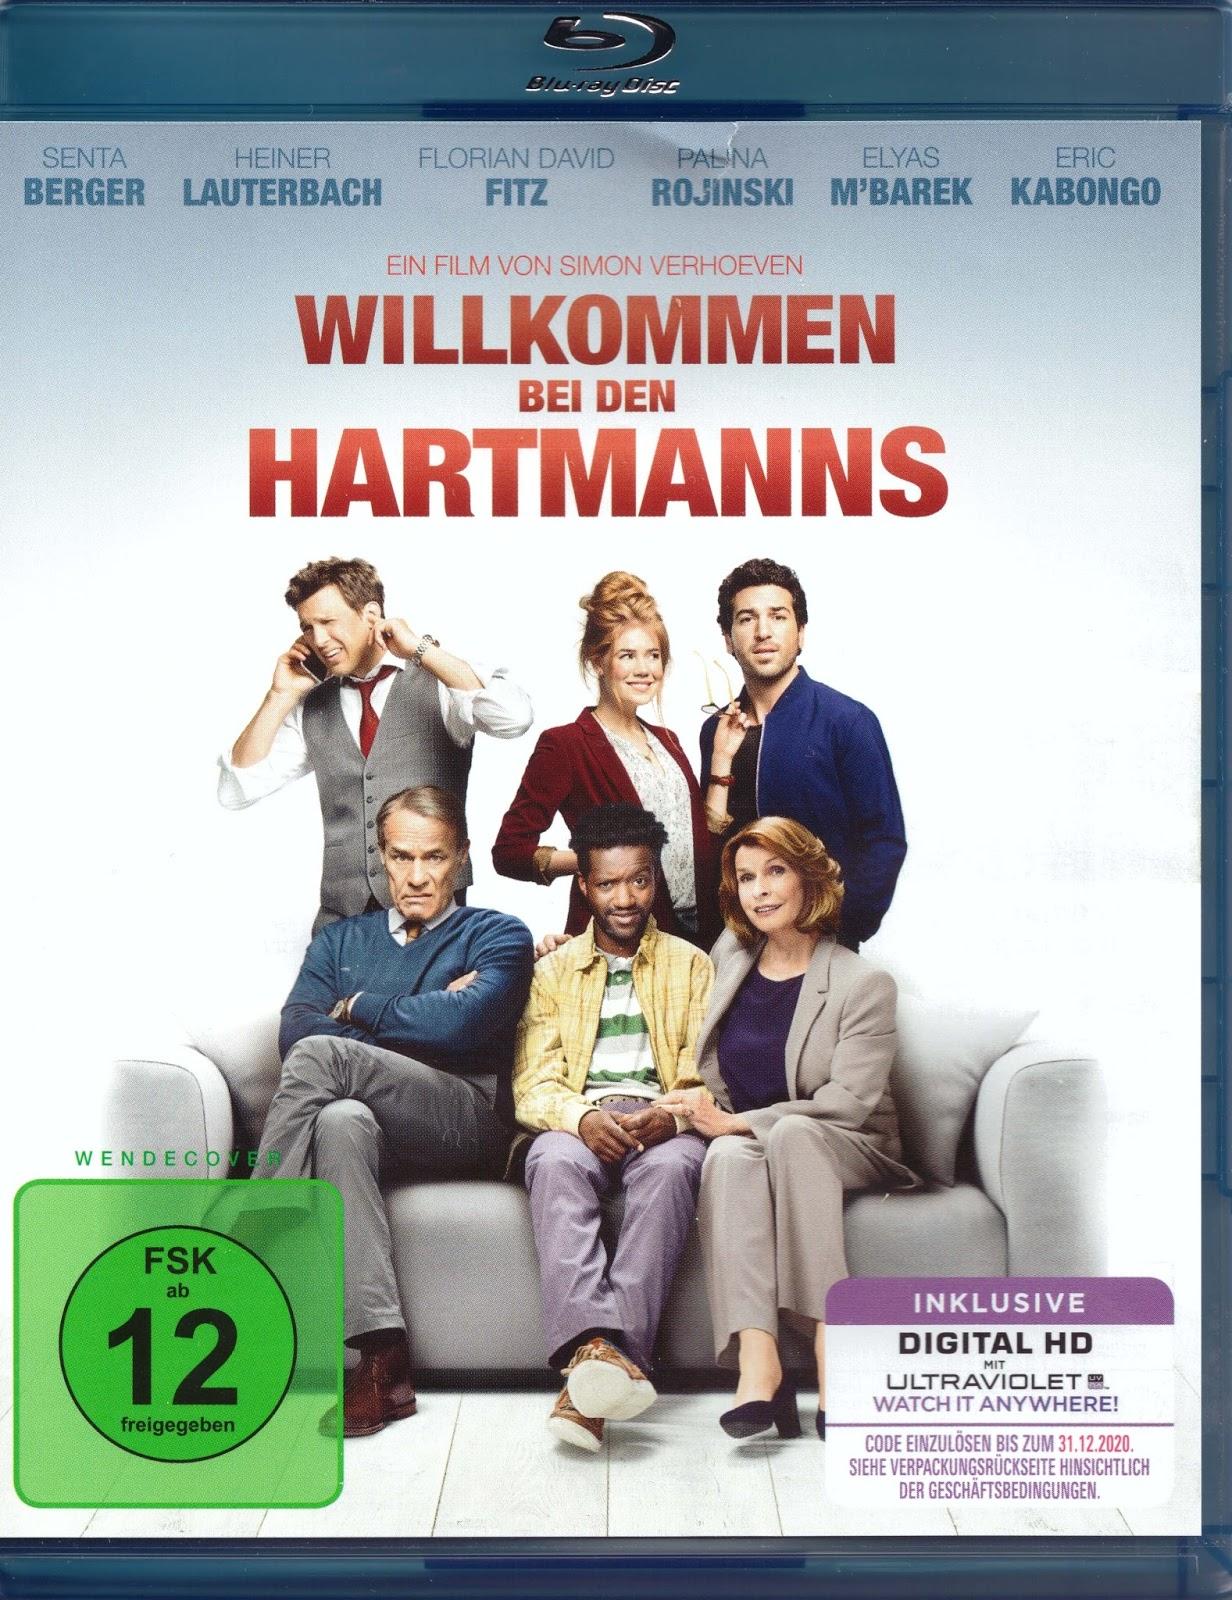 Ami im Schwabenland: Film Review: Willkommen bei den Hartmanns